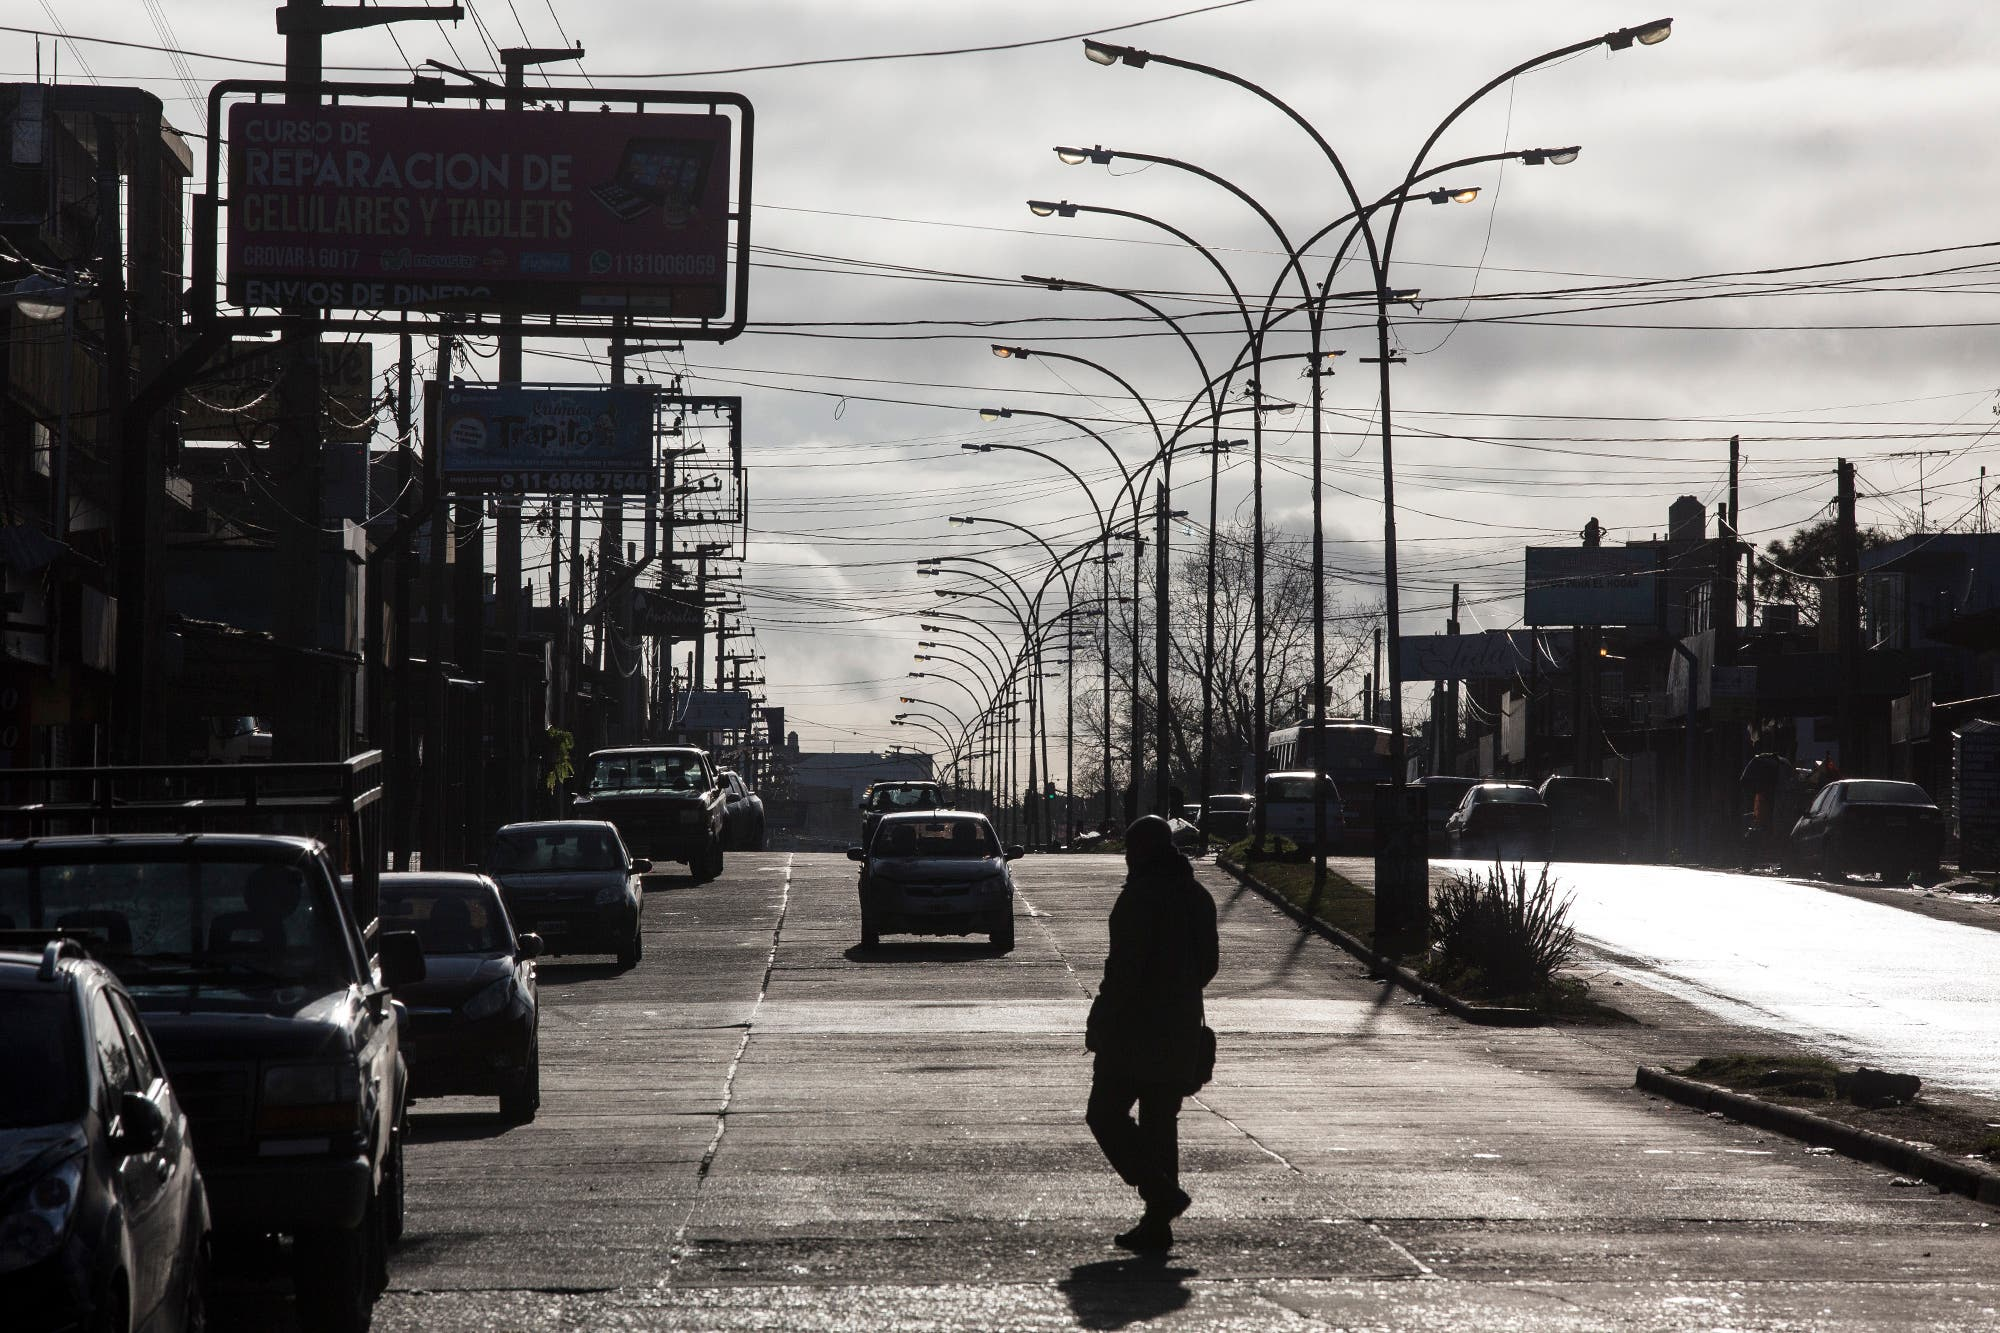 Menos movimiento y comerciantes que buscan la vuelta para abrir, el nuevo panorama en el conurbano oeste